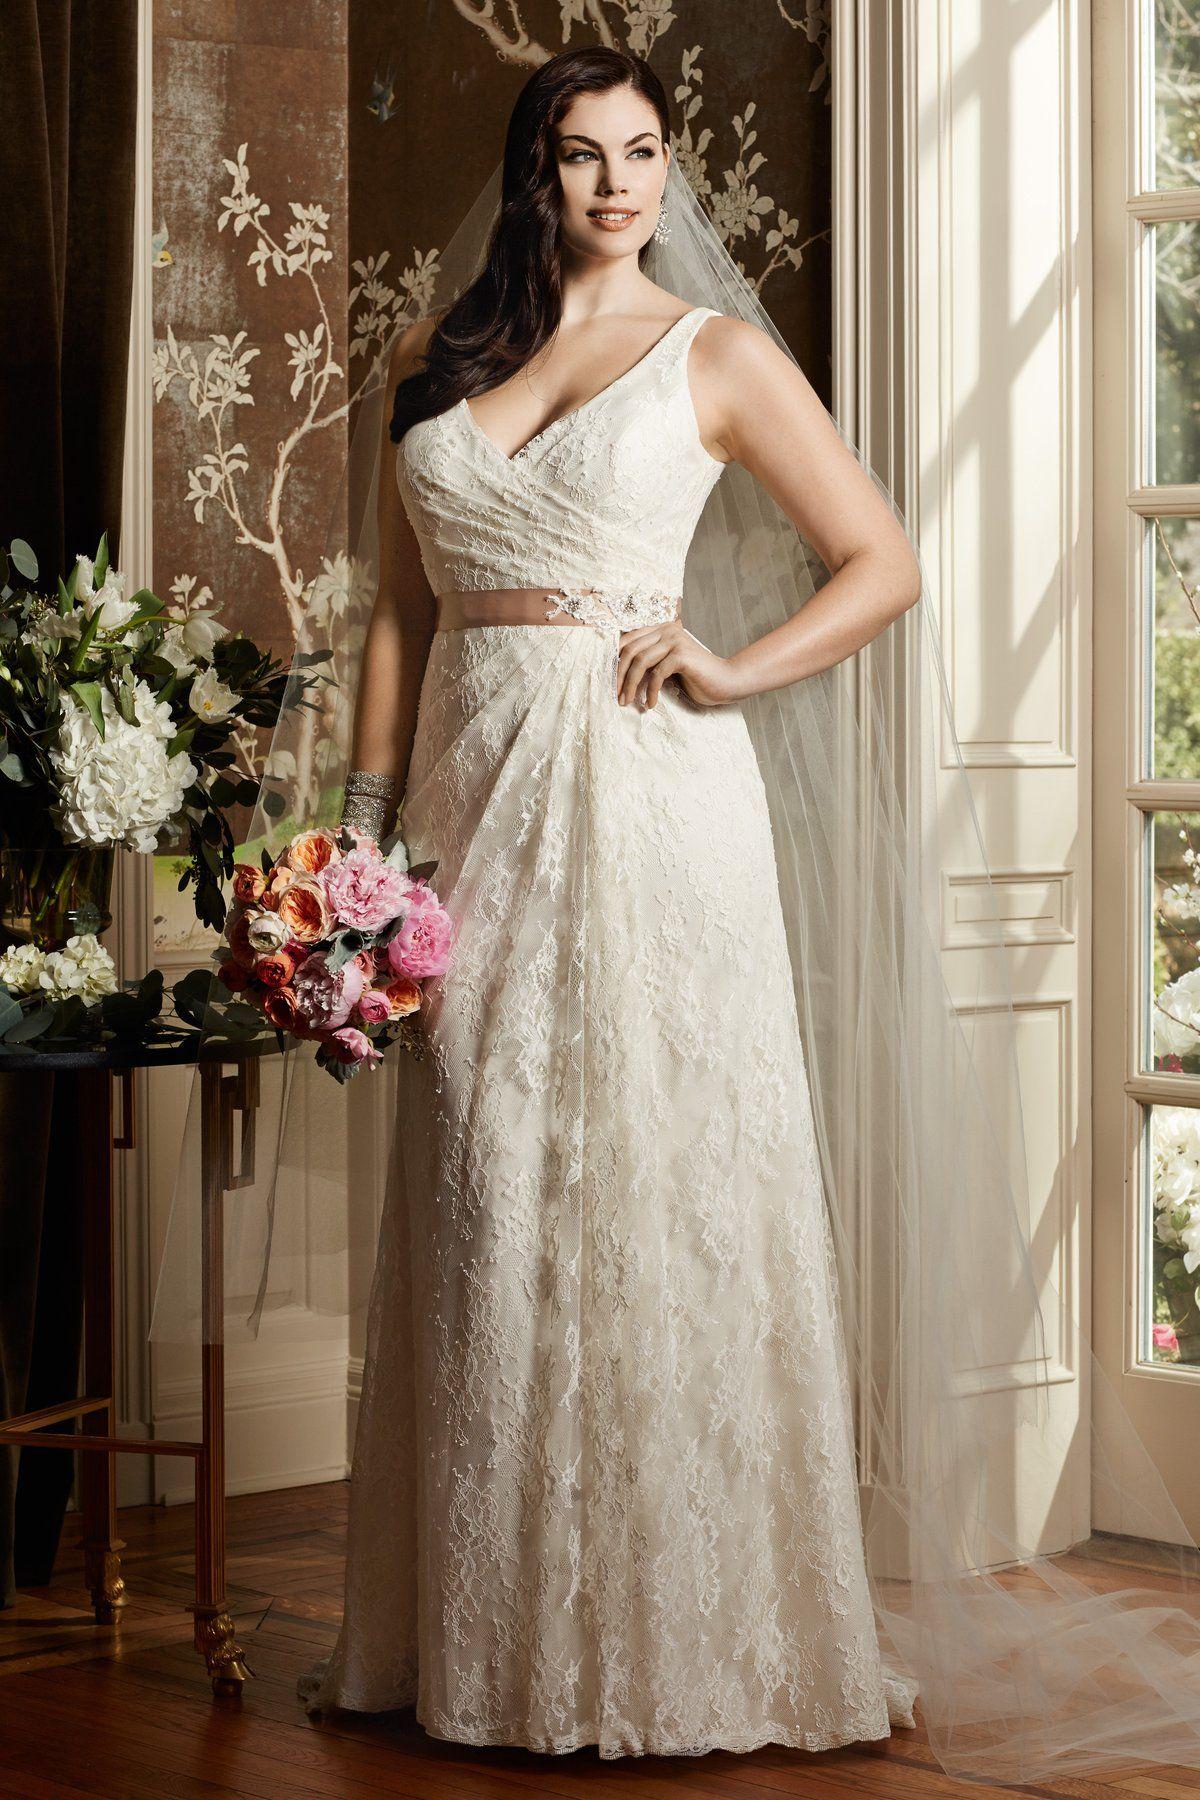 Plus size white wedding dresses  Wtoo Brides Eloise Gown  Wedding dress  Pinterest  Wedding dress